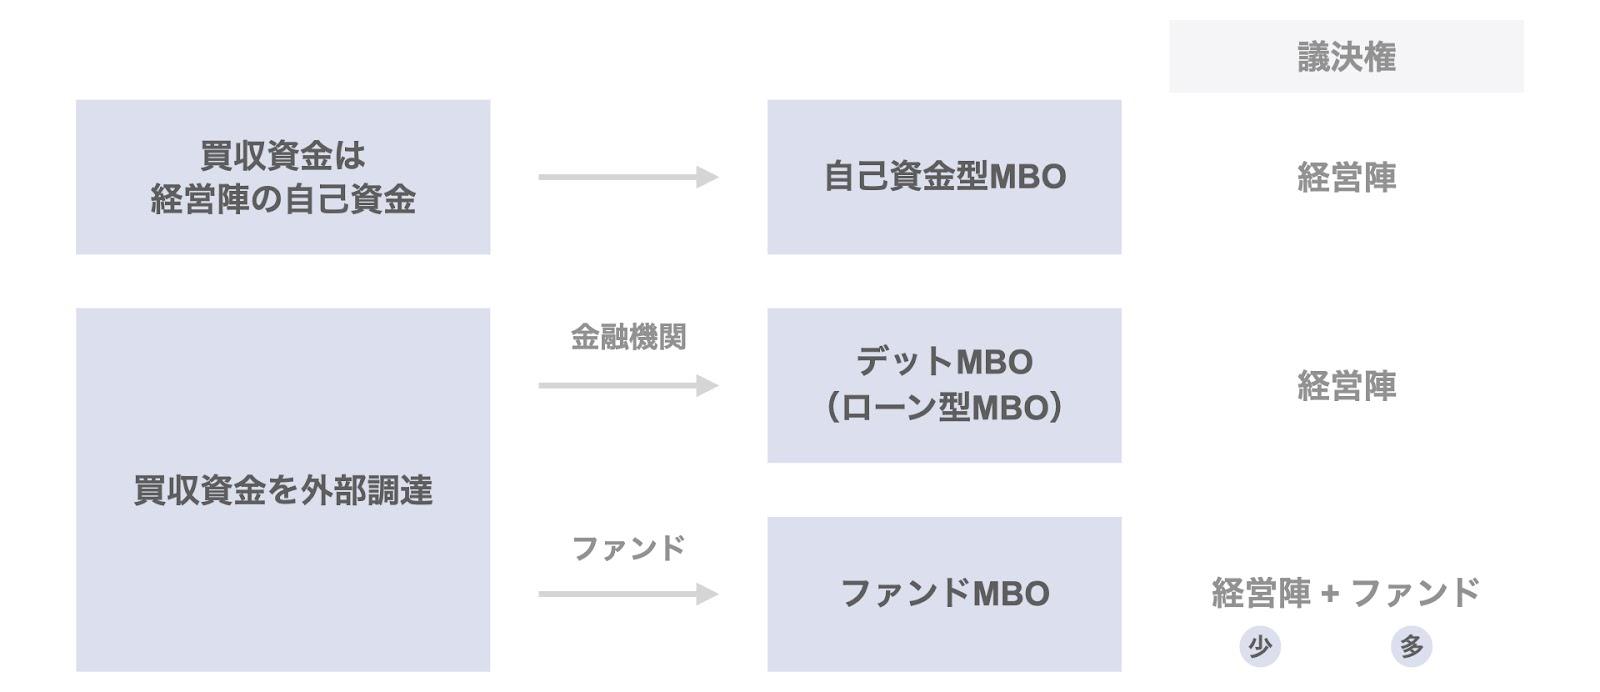 MBOの3類型における議決権